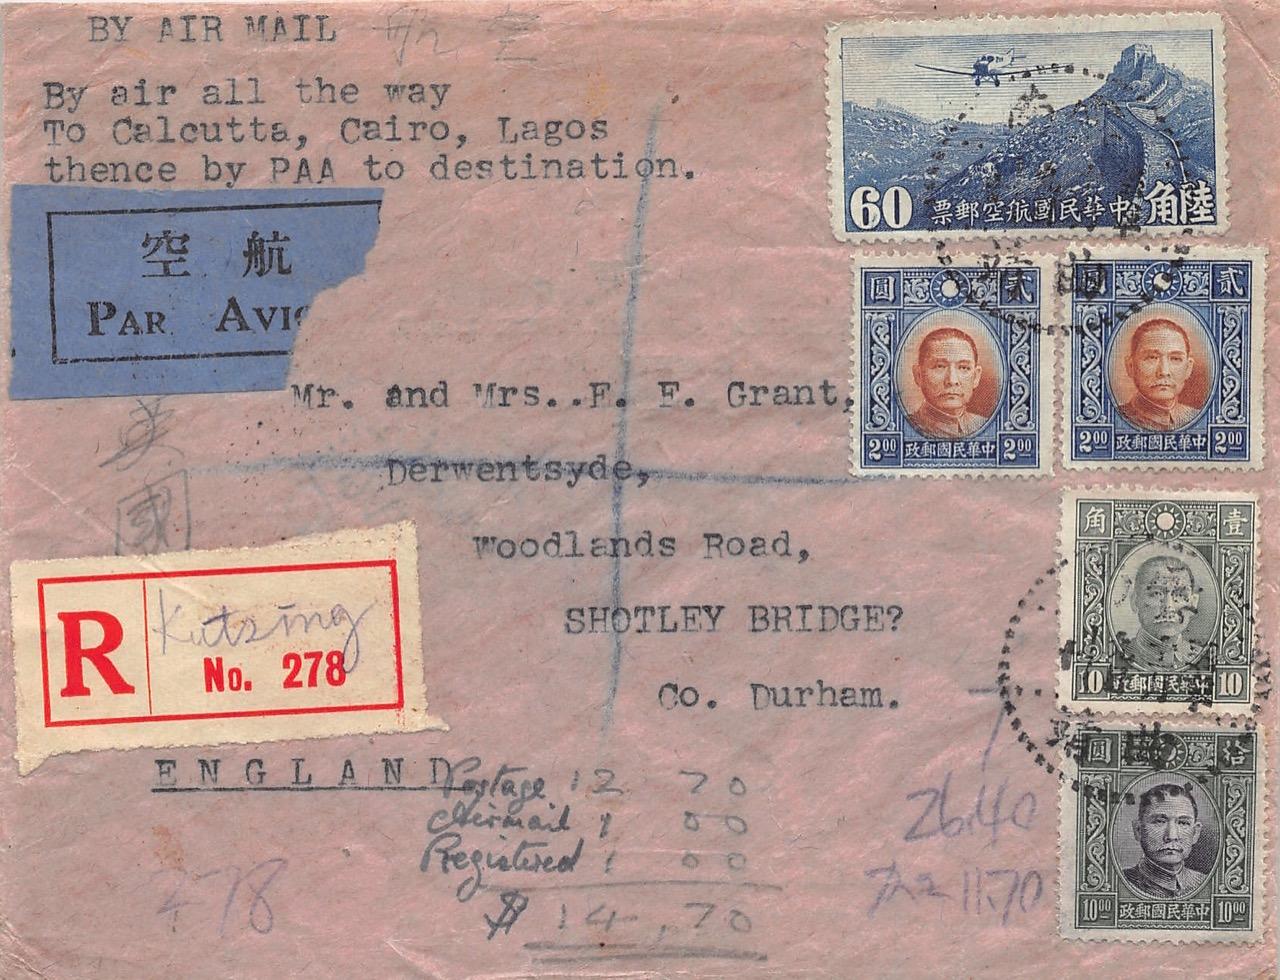 """1942, Luftpost-Einschreibbrief """"Over the Hump"""" nach West-Afrika und doppelter Atlantiküberquerung"""